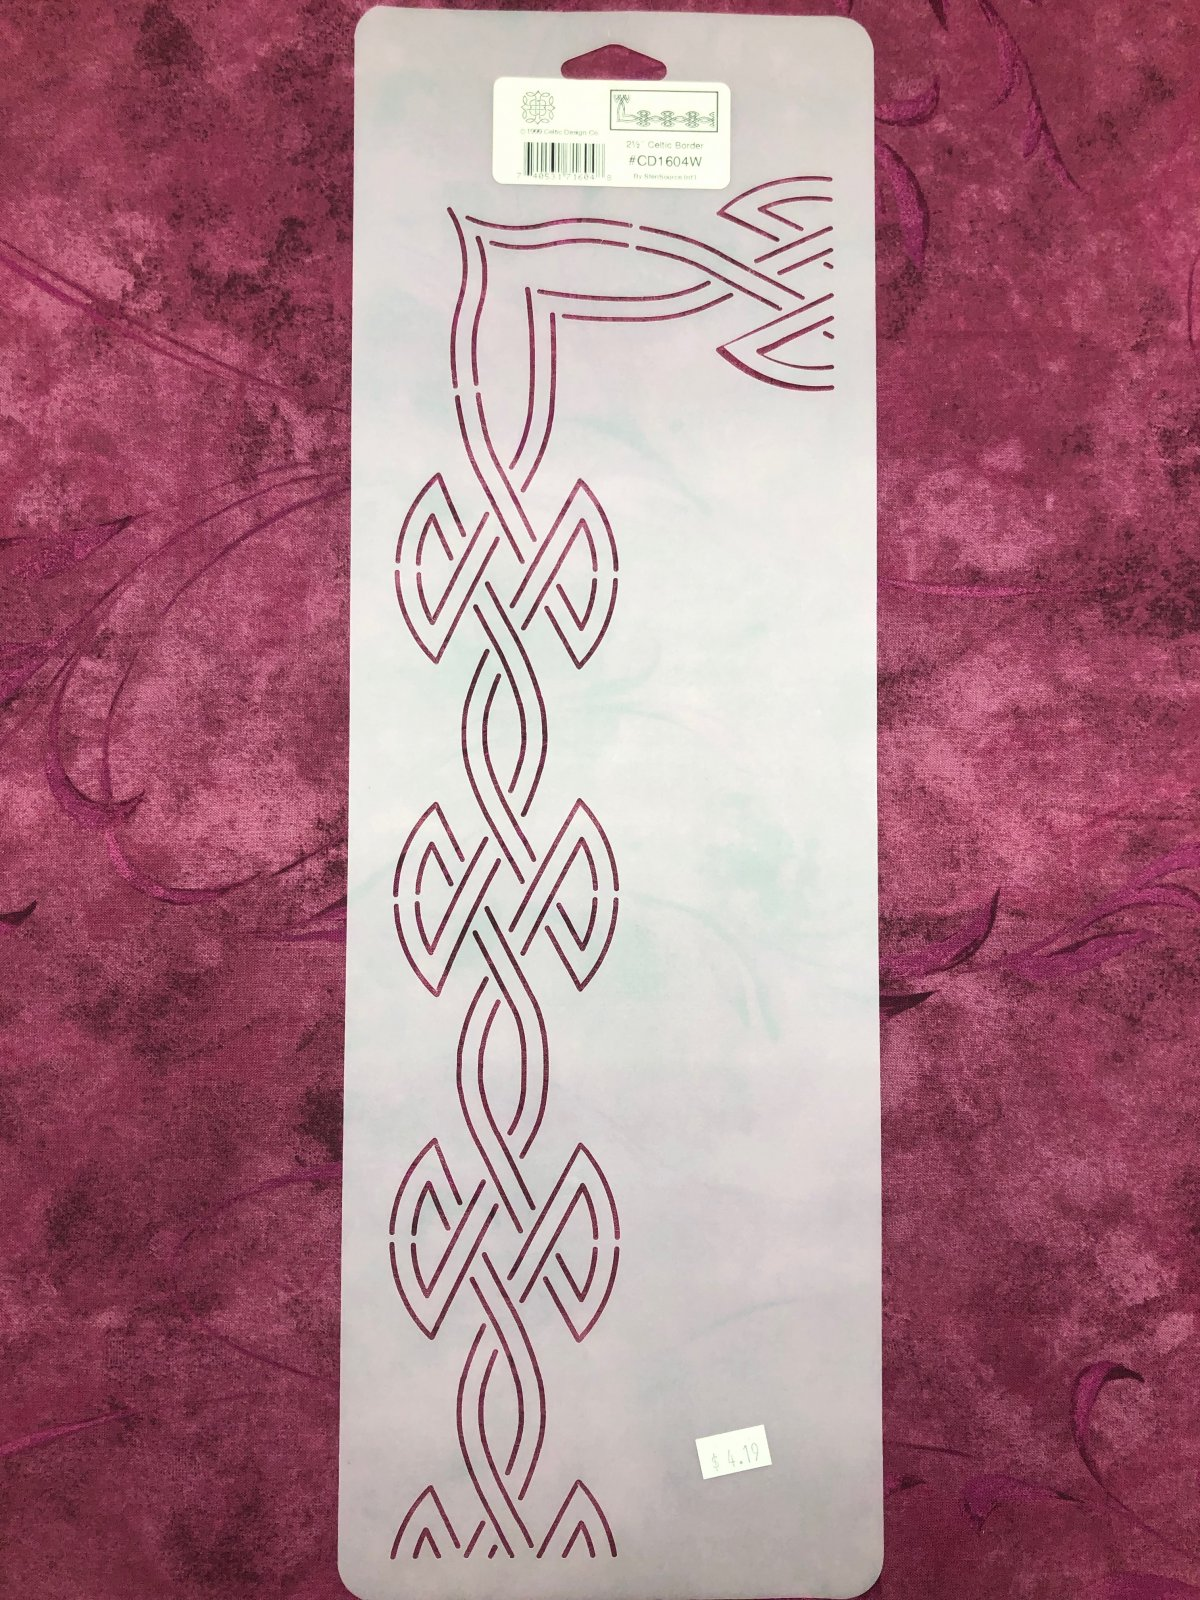 CD1604W Celtic Border 2 1/2 Inch Stencil